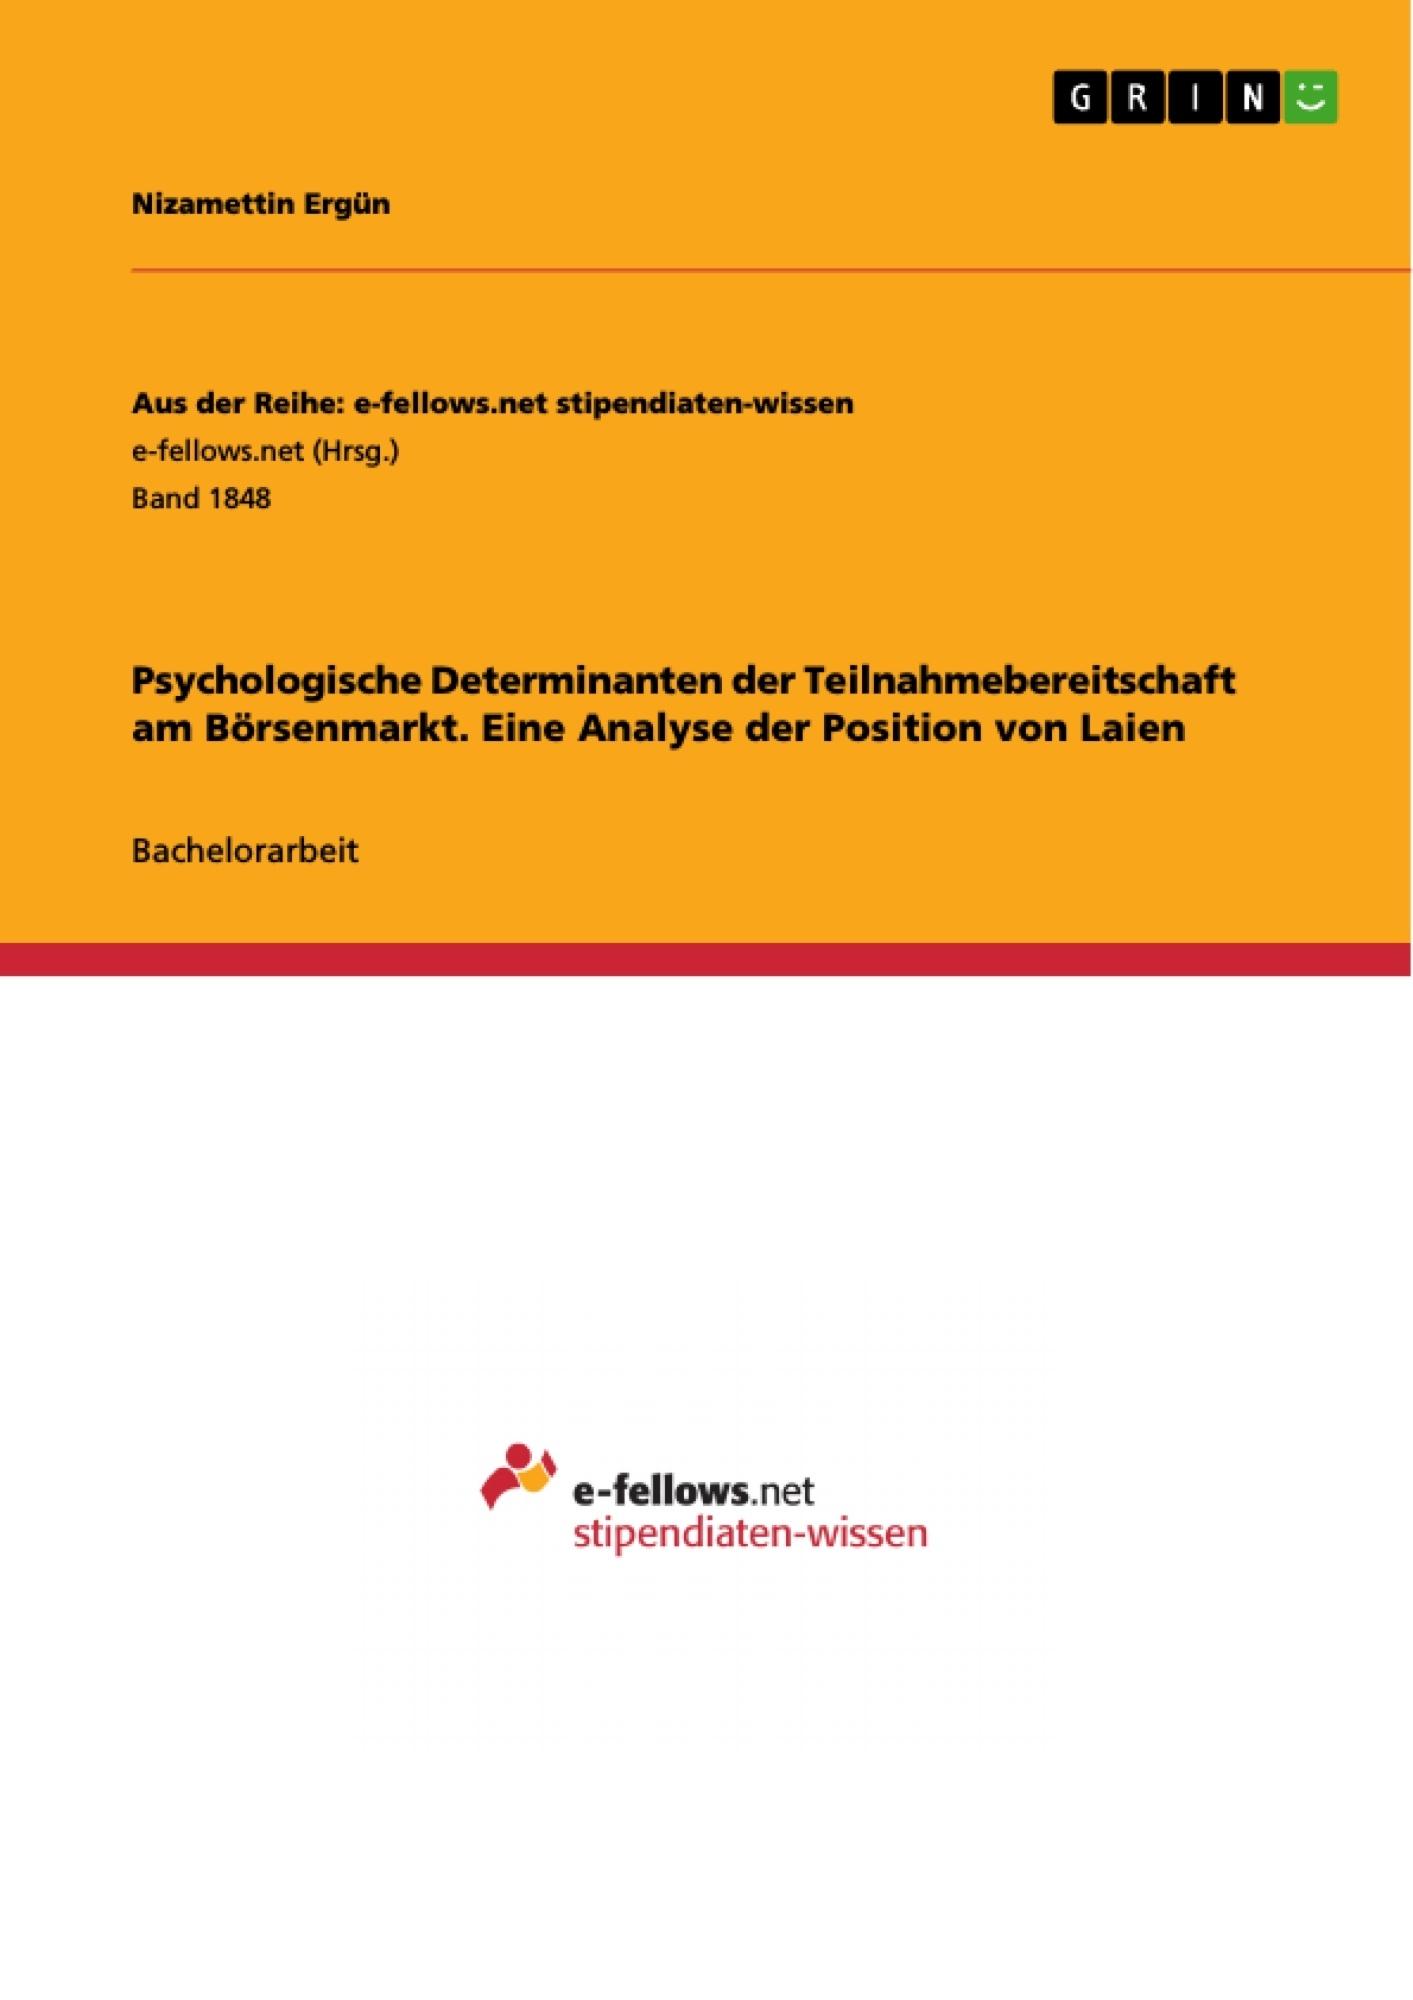 Titel: Psychologische Determinanten der Teilnahmebereitschaft am Börsenmarkt. Eine Analyse der Position von Laien